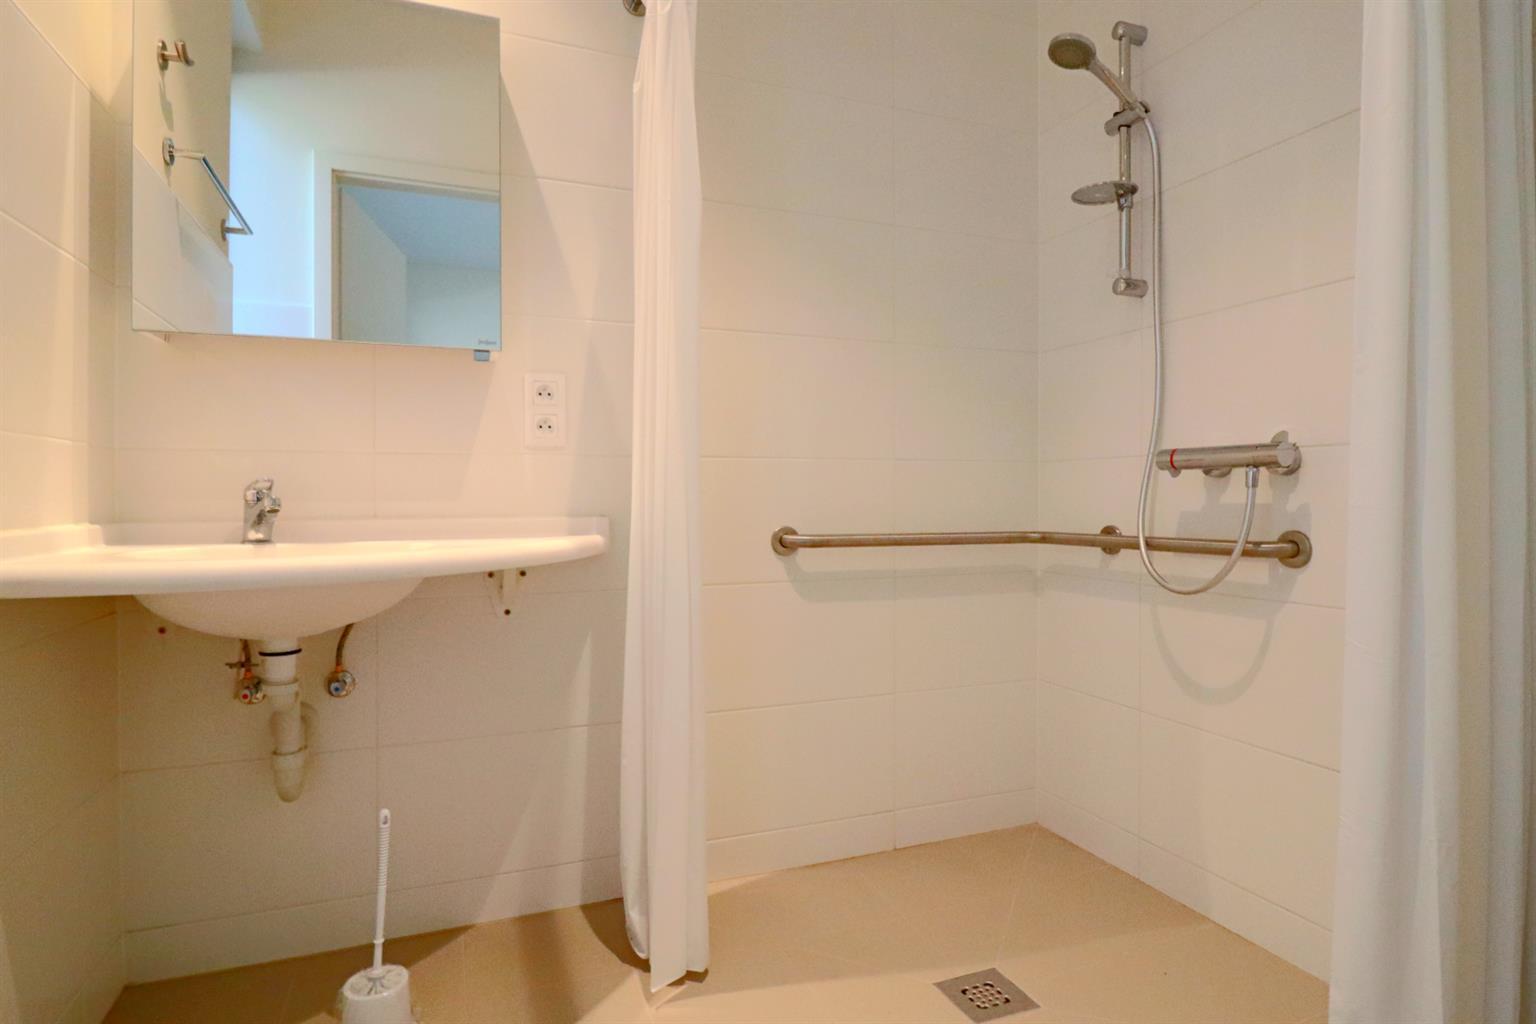 Appartement - Ottignies-Louvain-la-Neuve - #4406699-5